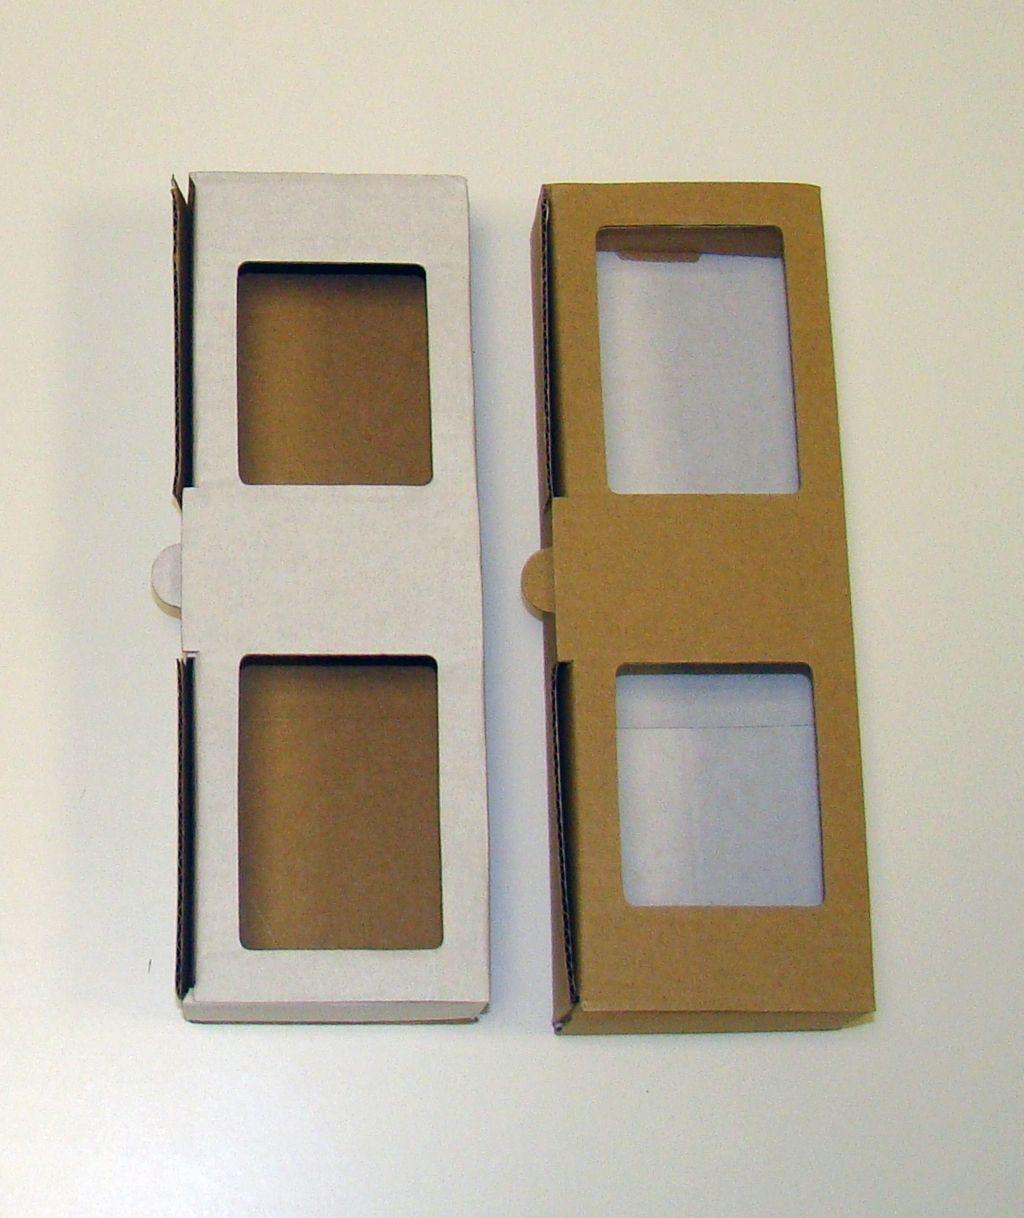 Las Cajas Para Botellas De Vino M S Elegantes O Las M S Bonitas  ~ Cajas De Carton Decorativas Grandes